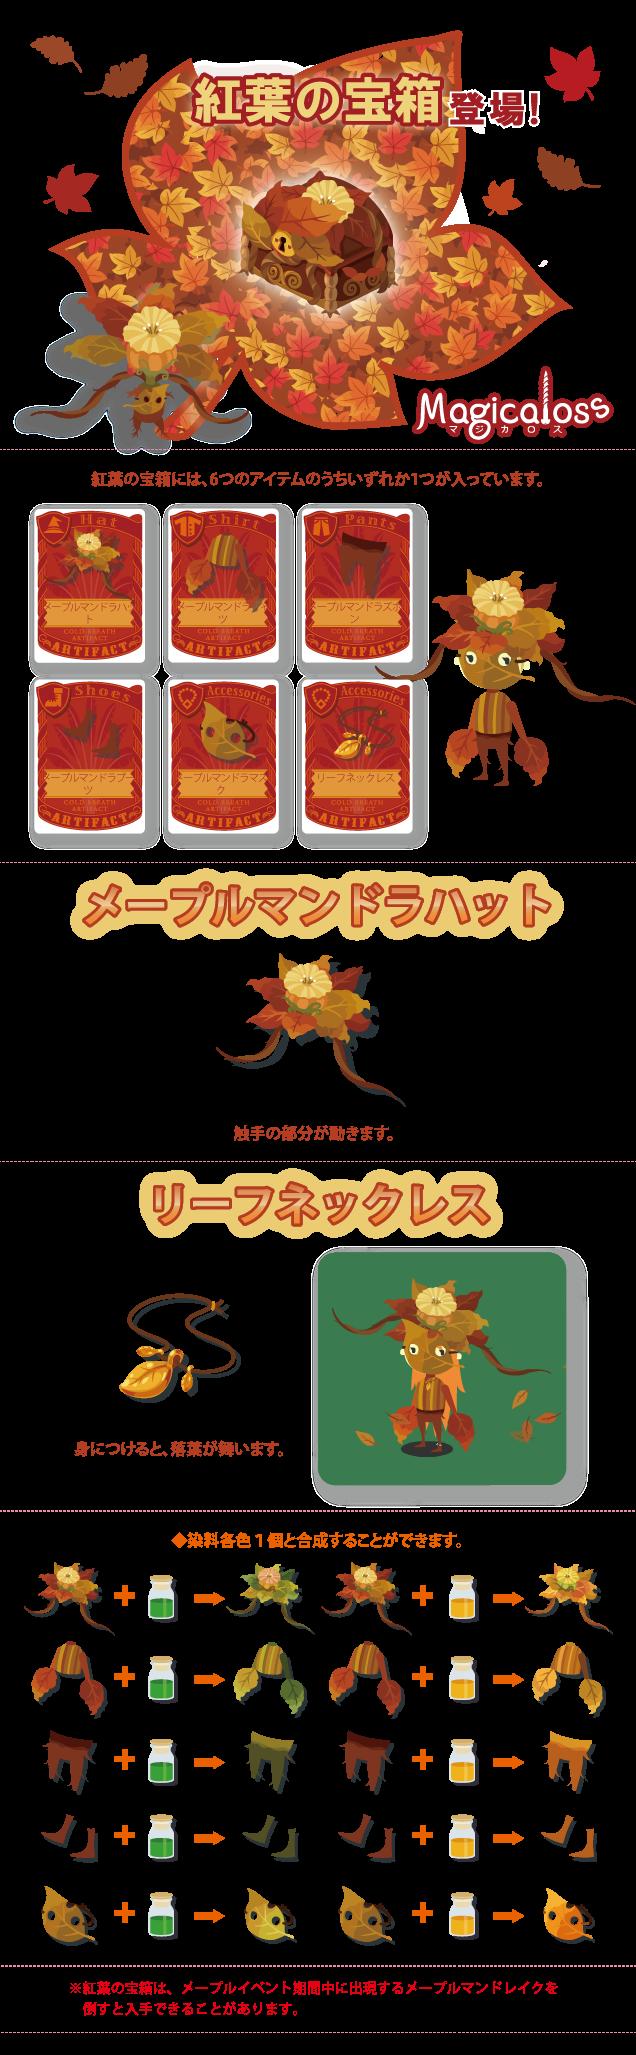 紅葉の宝箱登場!